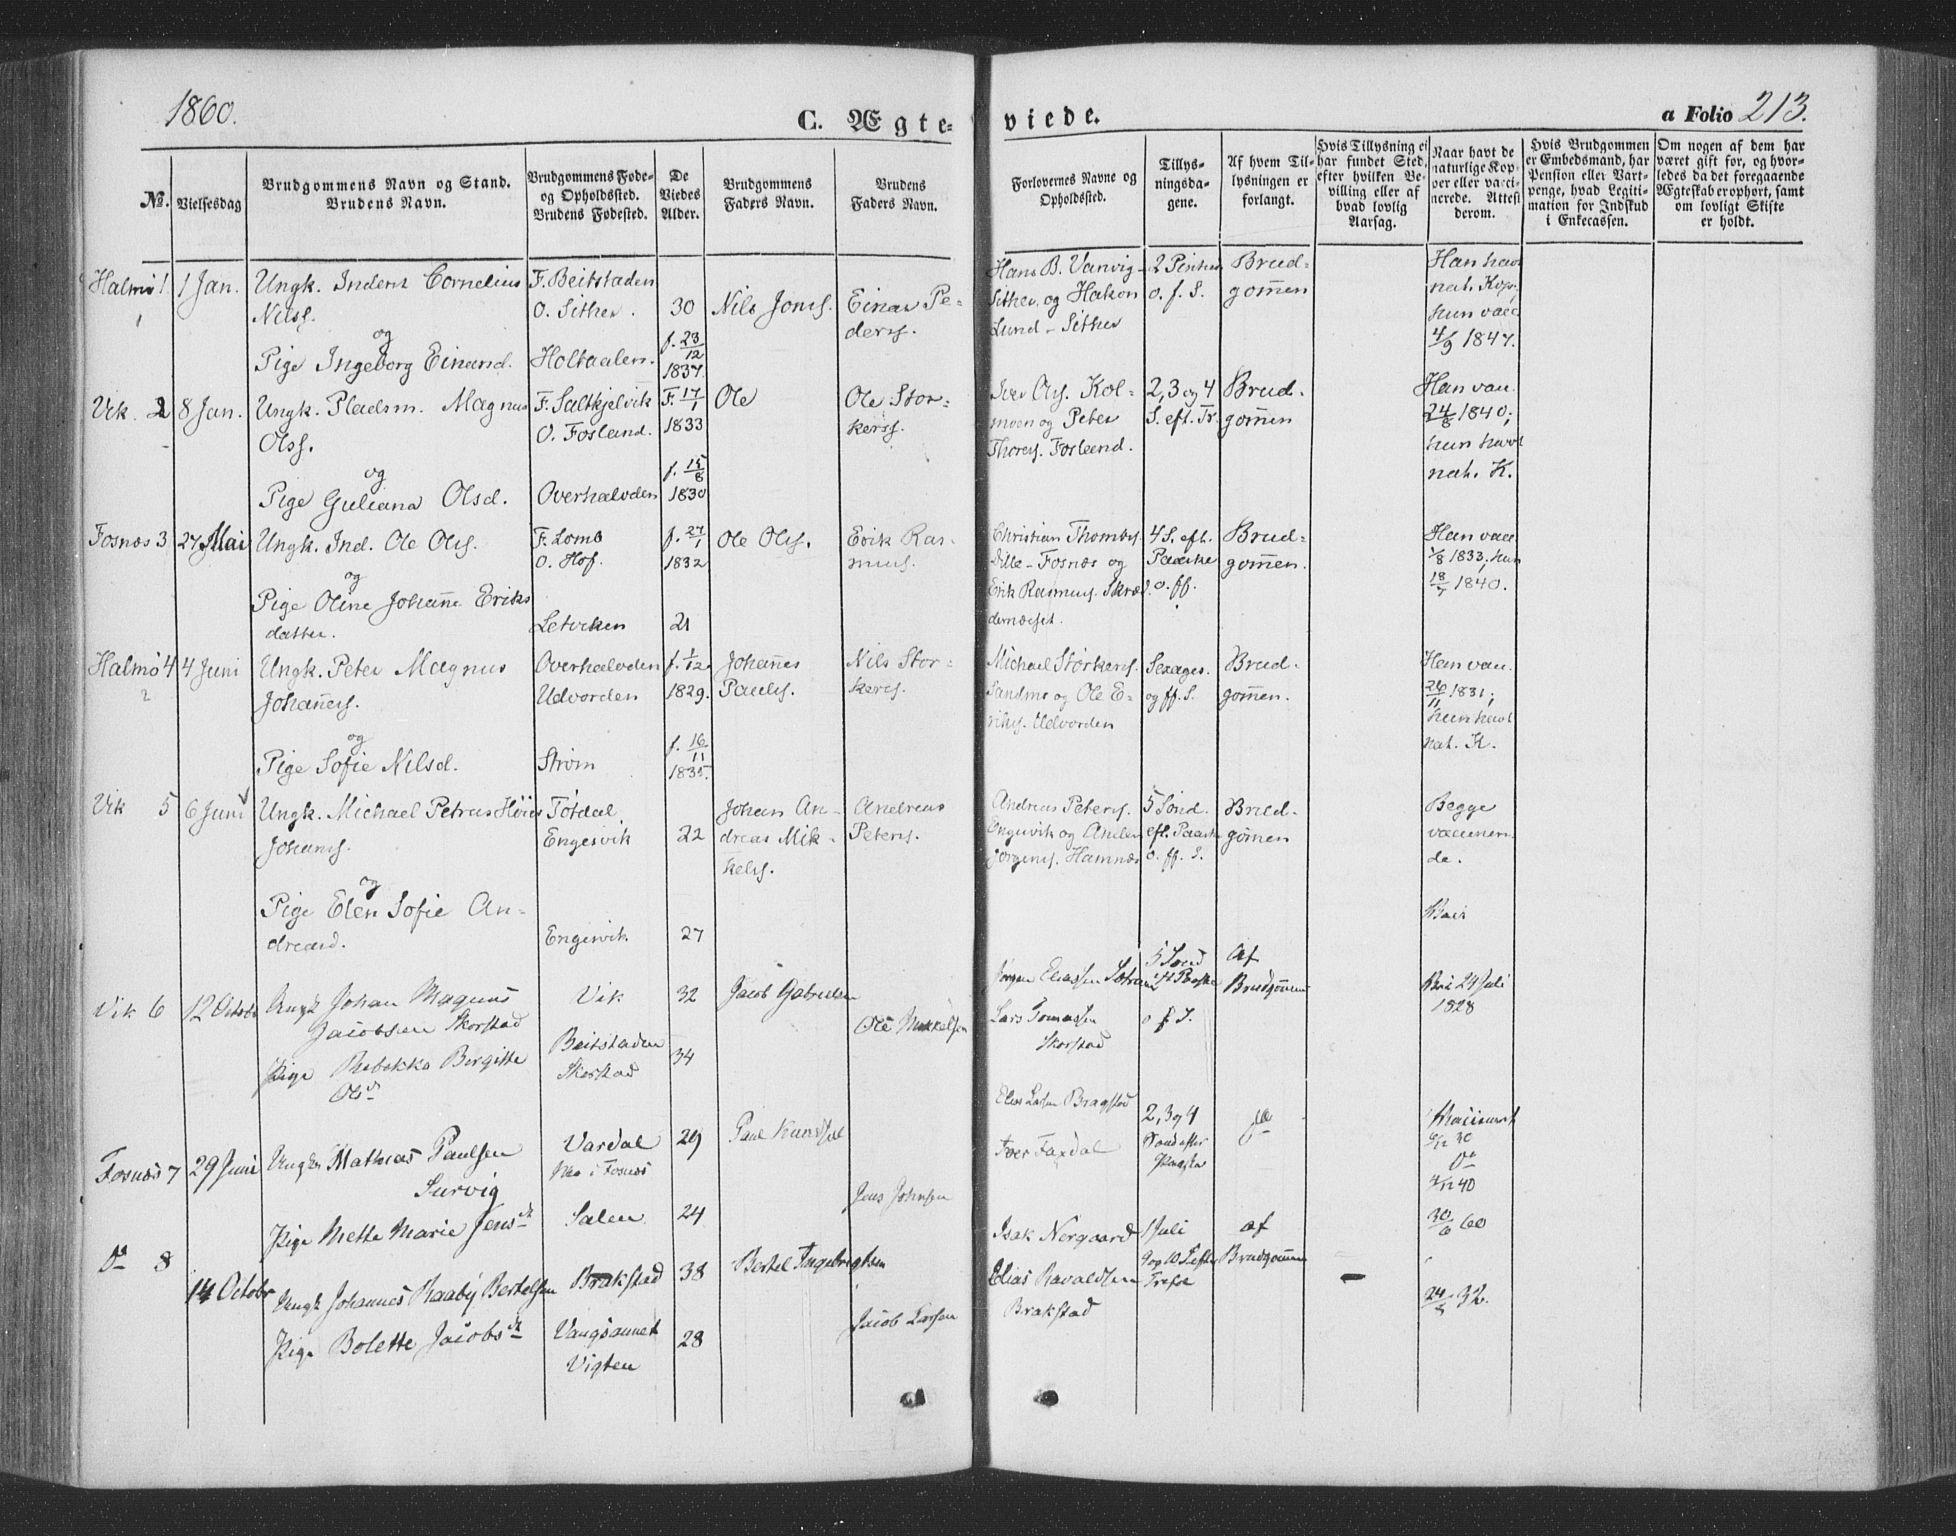 SAT, Ministerialprotokoller, klokkerbøker og fødselsregistre - Nord-Trøndelag, 773/L0615: Ministerialbok nr. 773A06, 1857-1870, s. 213